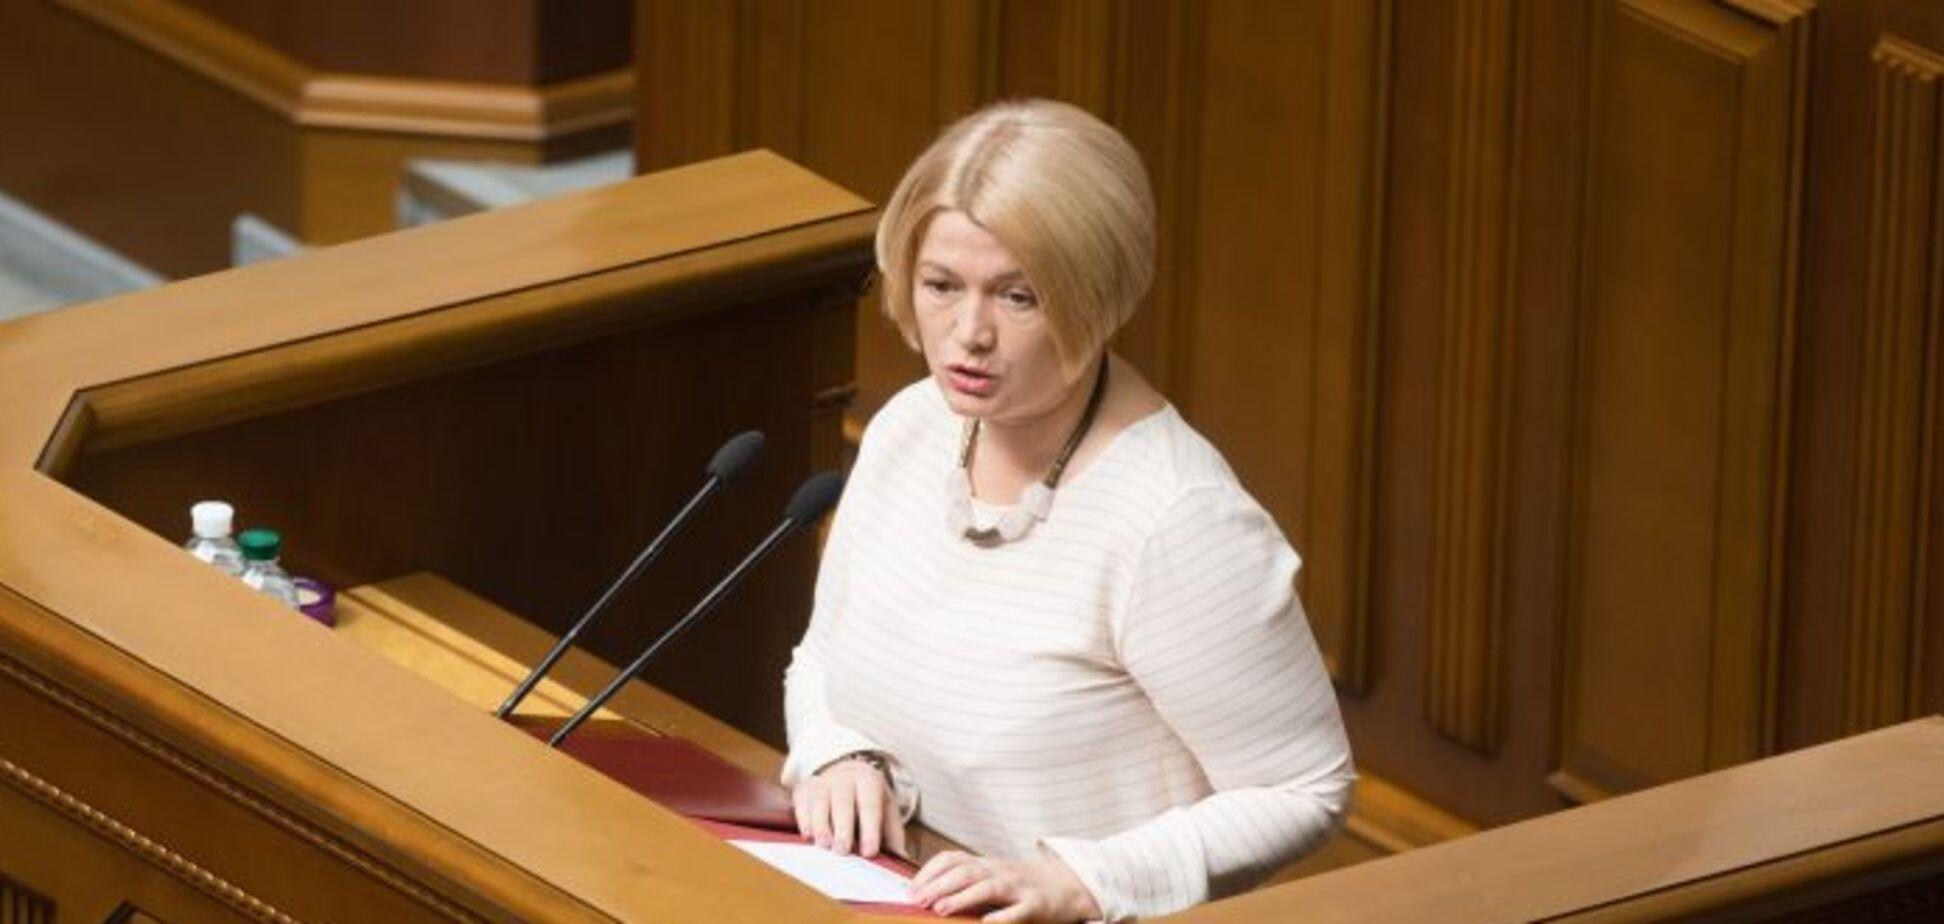 'Європейська солідарність' вимагає від влади припинити тиск на ЗМІ – Ірина Геращенко